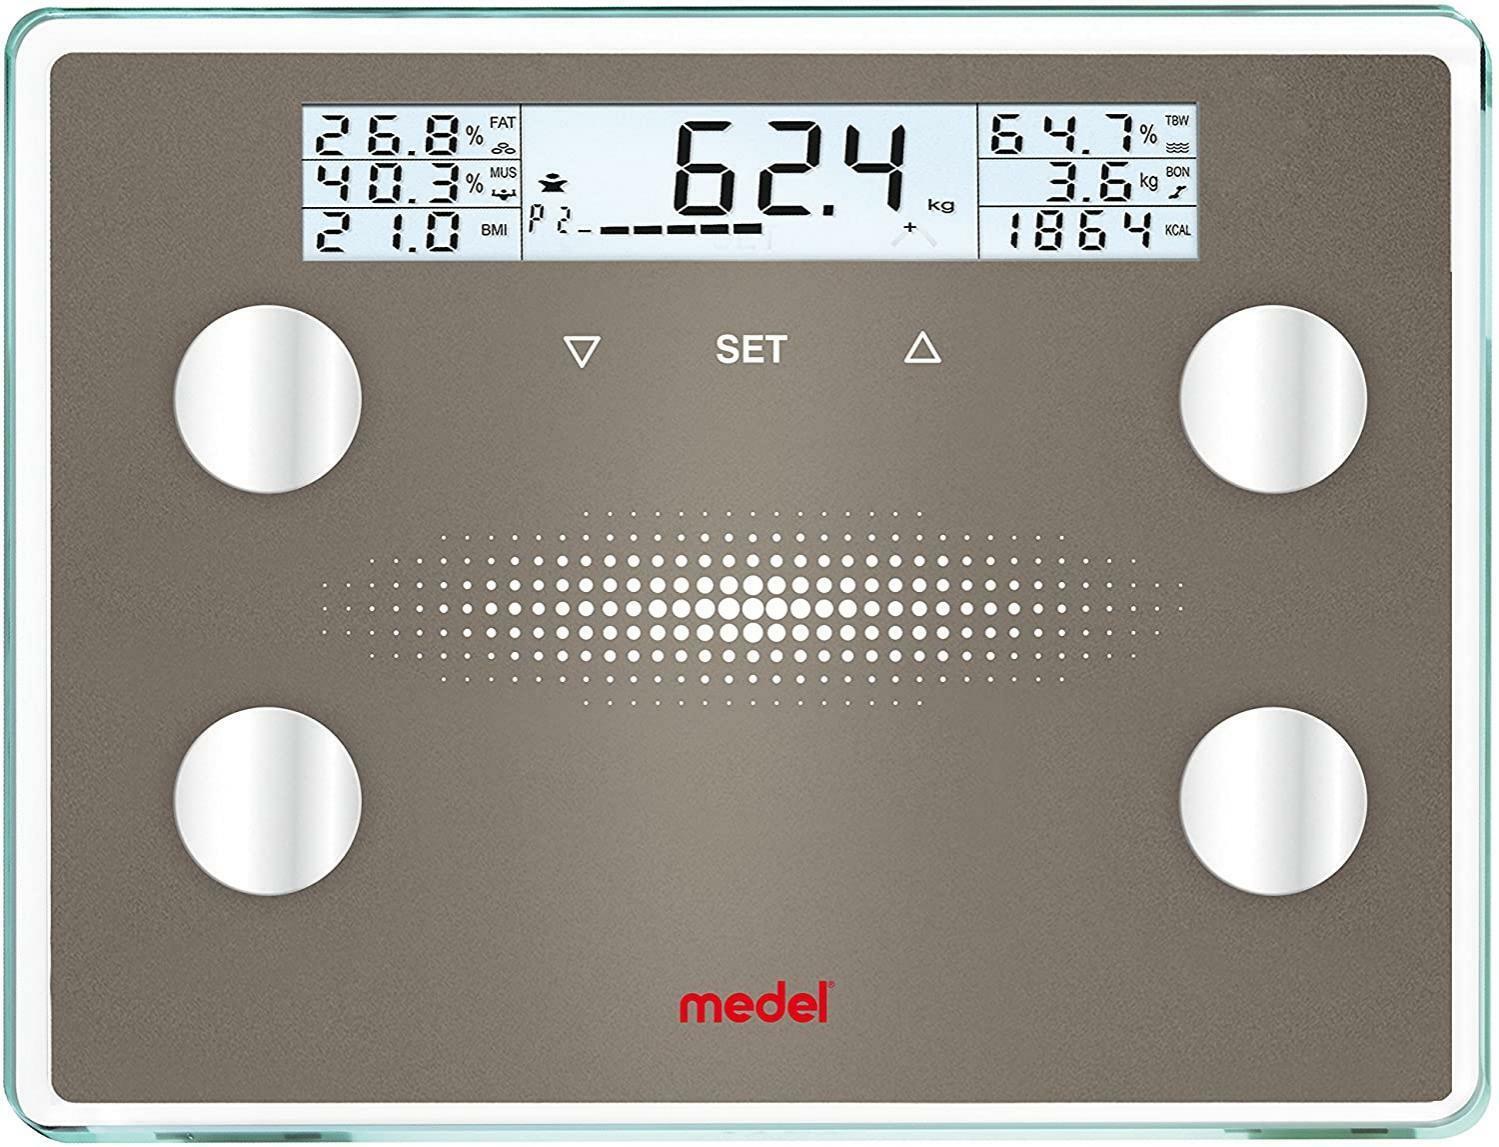 medel medel - bilancia professionale diagnostic xxl pesapersone in vetro + 1 termometro digitale in omaggio